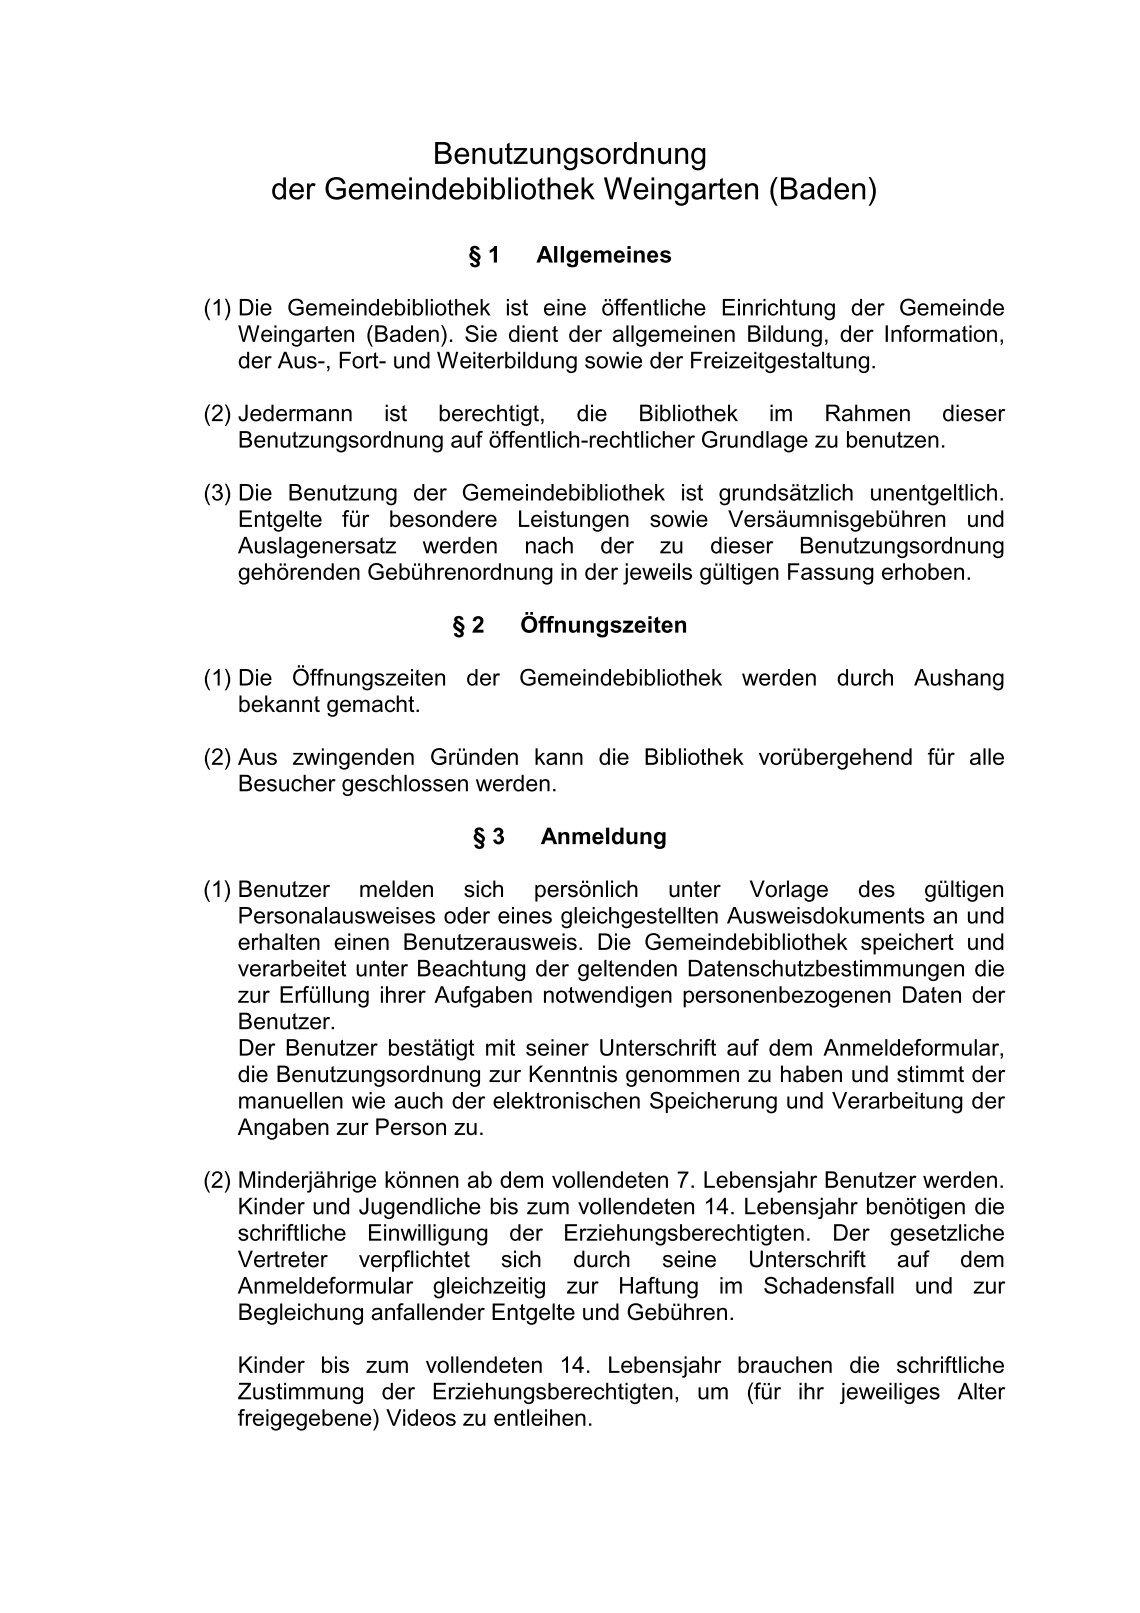 Erfreut Anmeldeformular Vorlage Galerie - Entry Level Resume ...